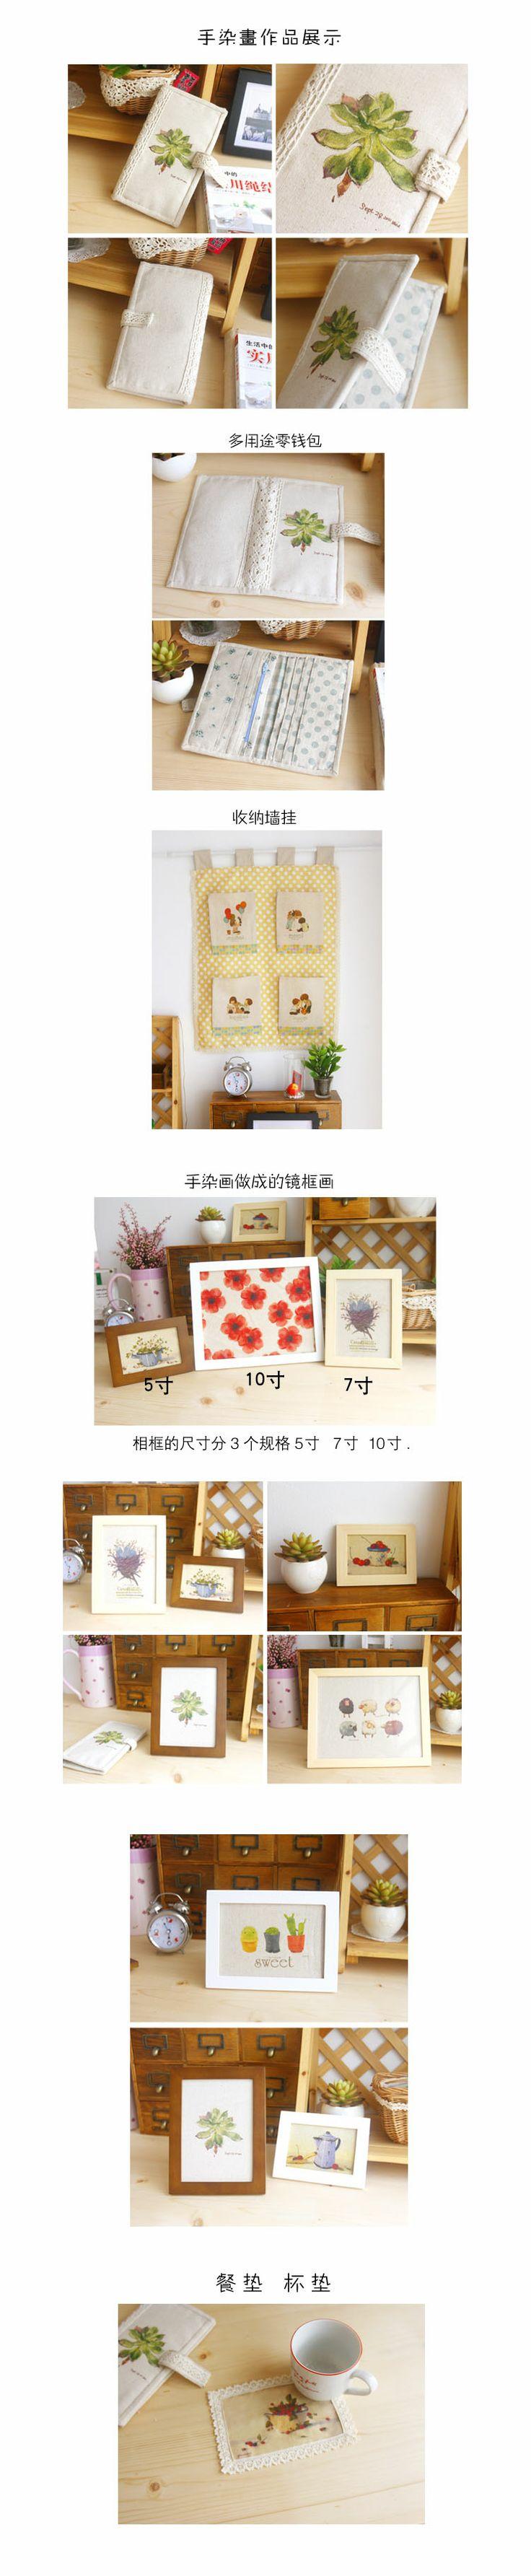 Чистый хлопок холст ручной окрашенные хлопчатобумажные ткани поделки зеленые листья красная рука мешок декоративной живописи - Taobao